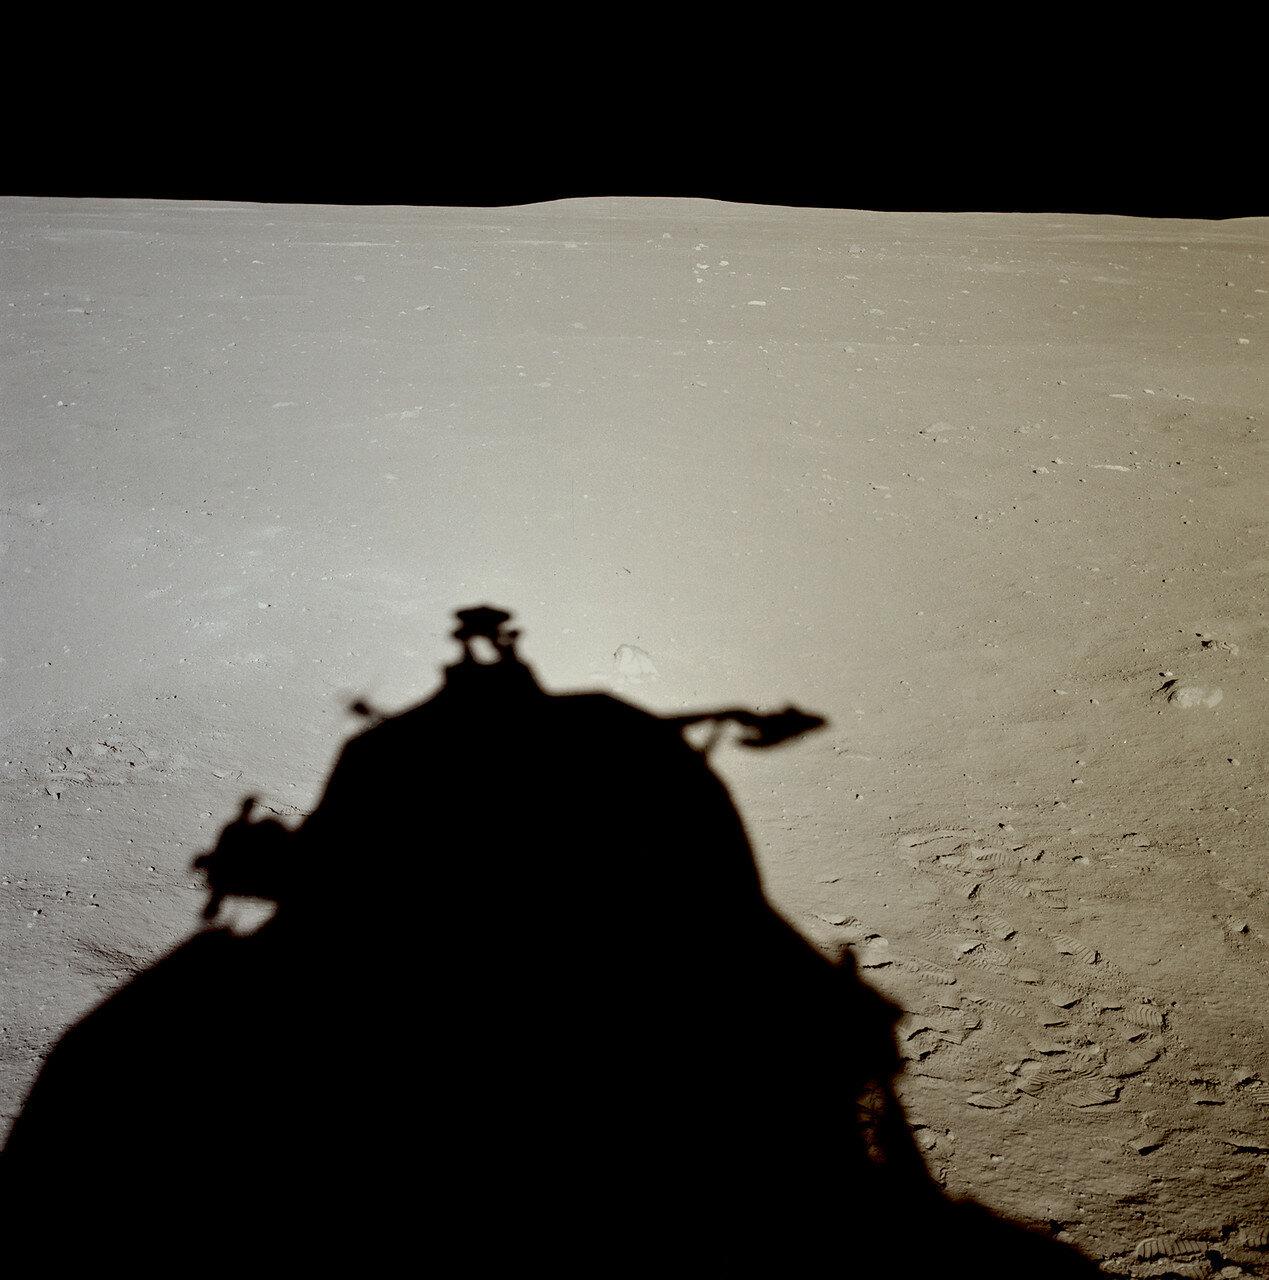 Когда лунный модуль пролетал над кратером, командир начал искать место, пригодное для посадки, и выбрал относительно ровную площадку между небольшими кратерами и полем валунов.